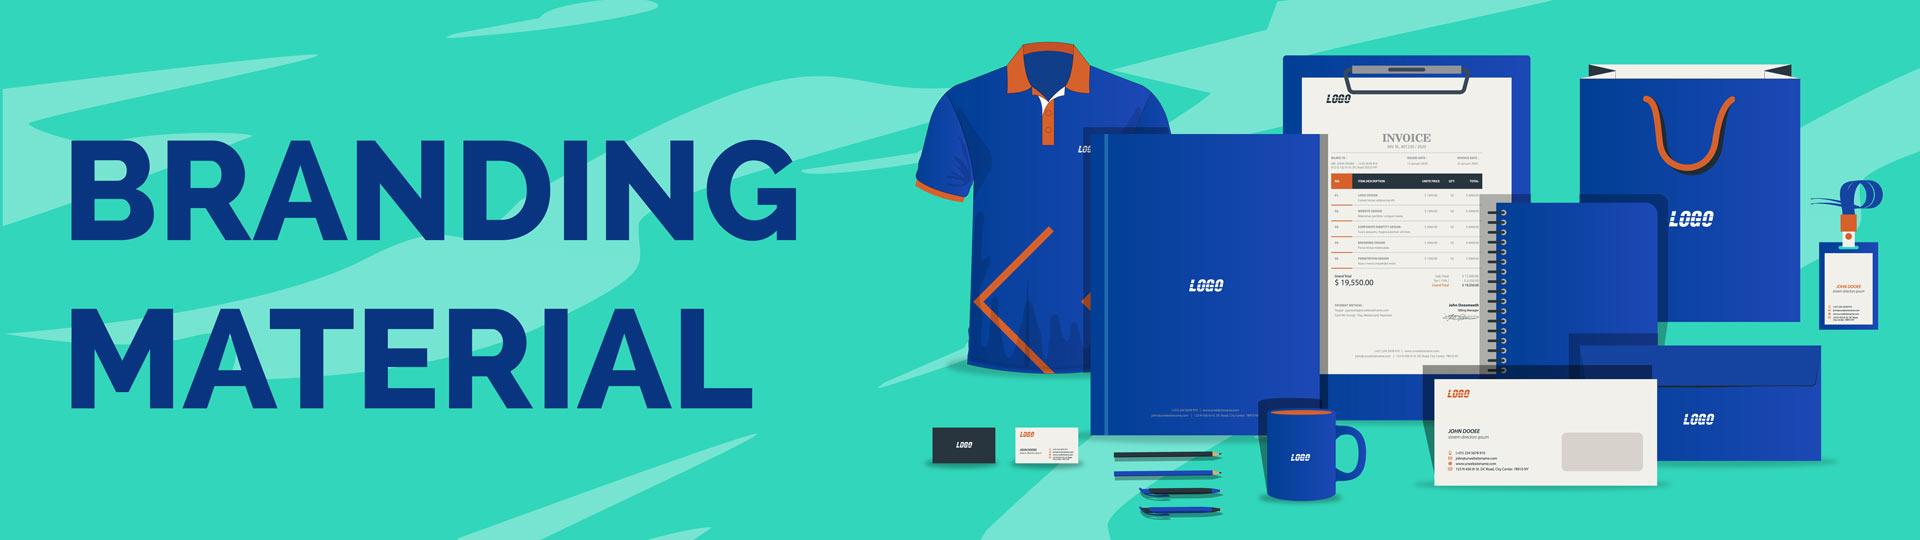 branding-material